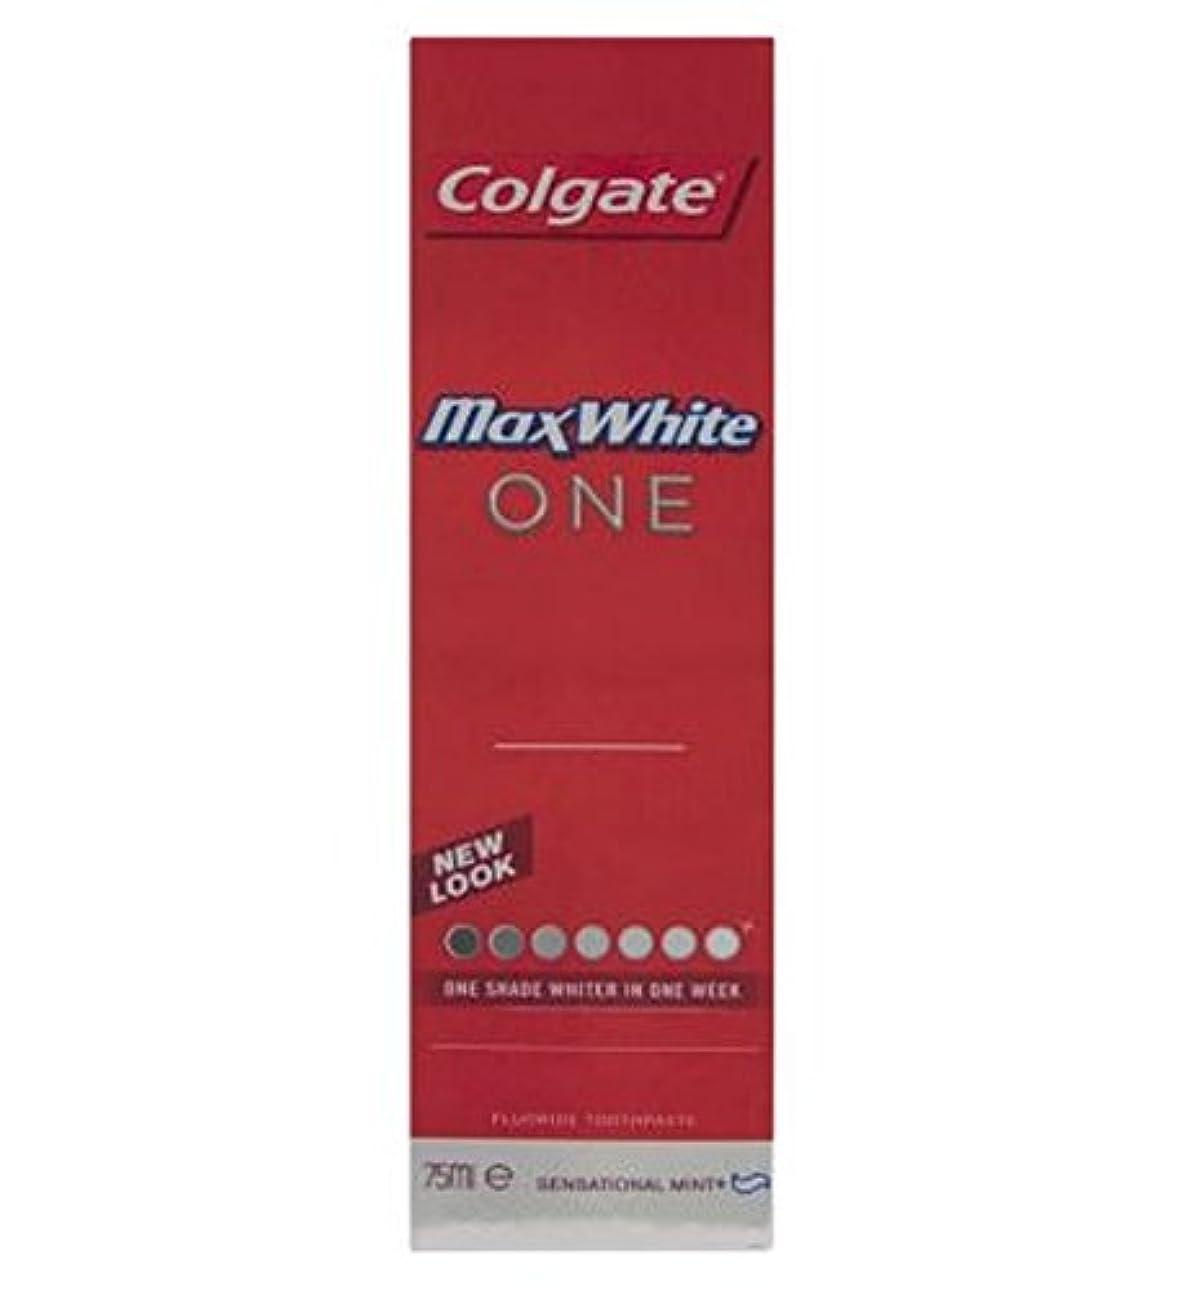 サバントフォーマット有利Colgate Max White One Fresh toothpaste 75ml - コルゲートマックスホワイト1新鮮な歯磨き粉75ミリリットル (Colgate) [並行輸入品]